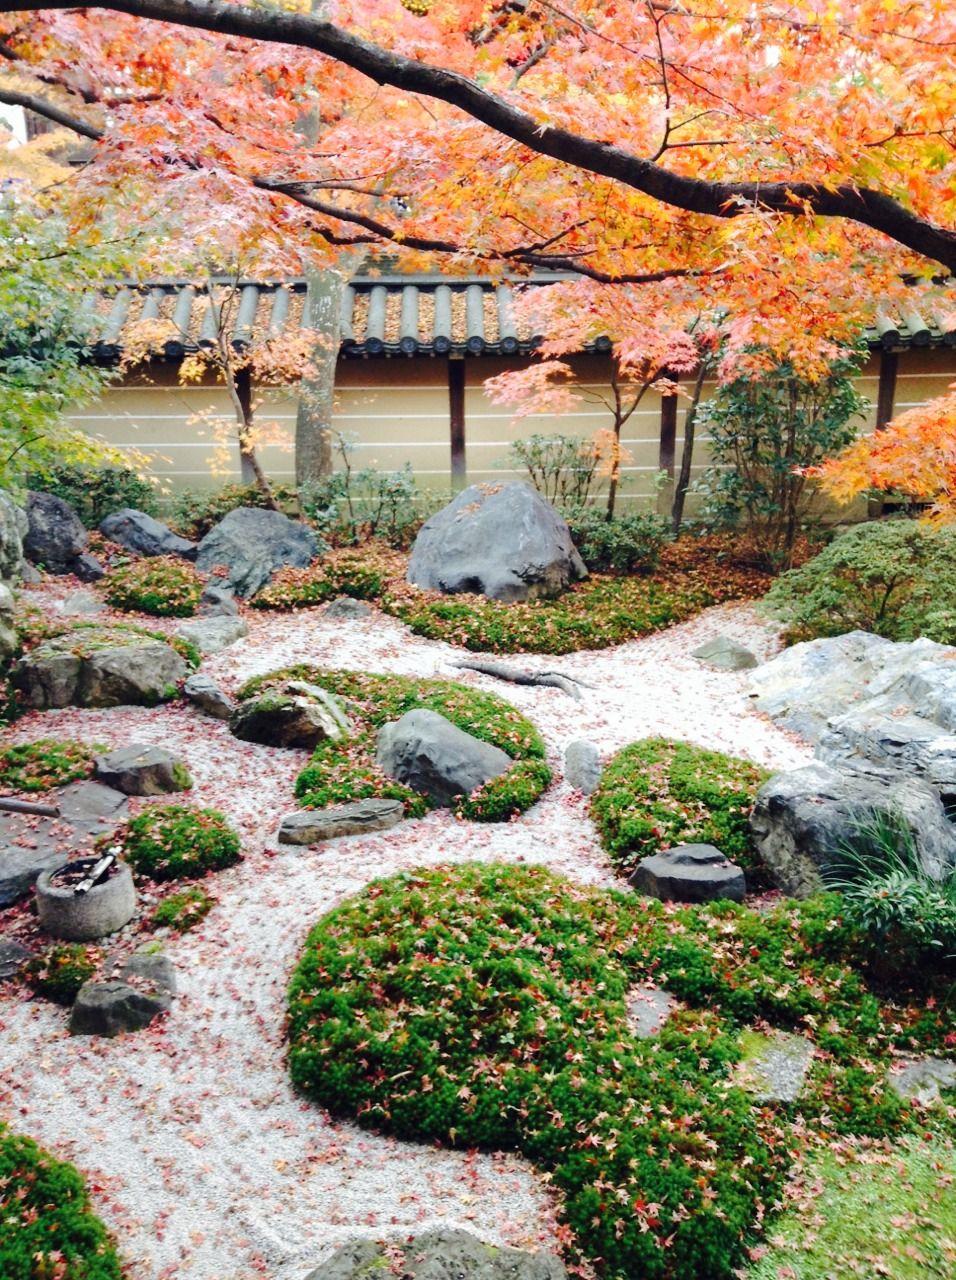 Autum Colers In Eikan Dō Zenrin Ji Temple Kyoto Japan 2013 Japanese Garden Zen Garden Japan Garden